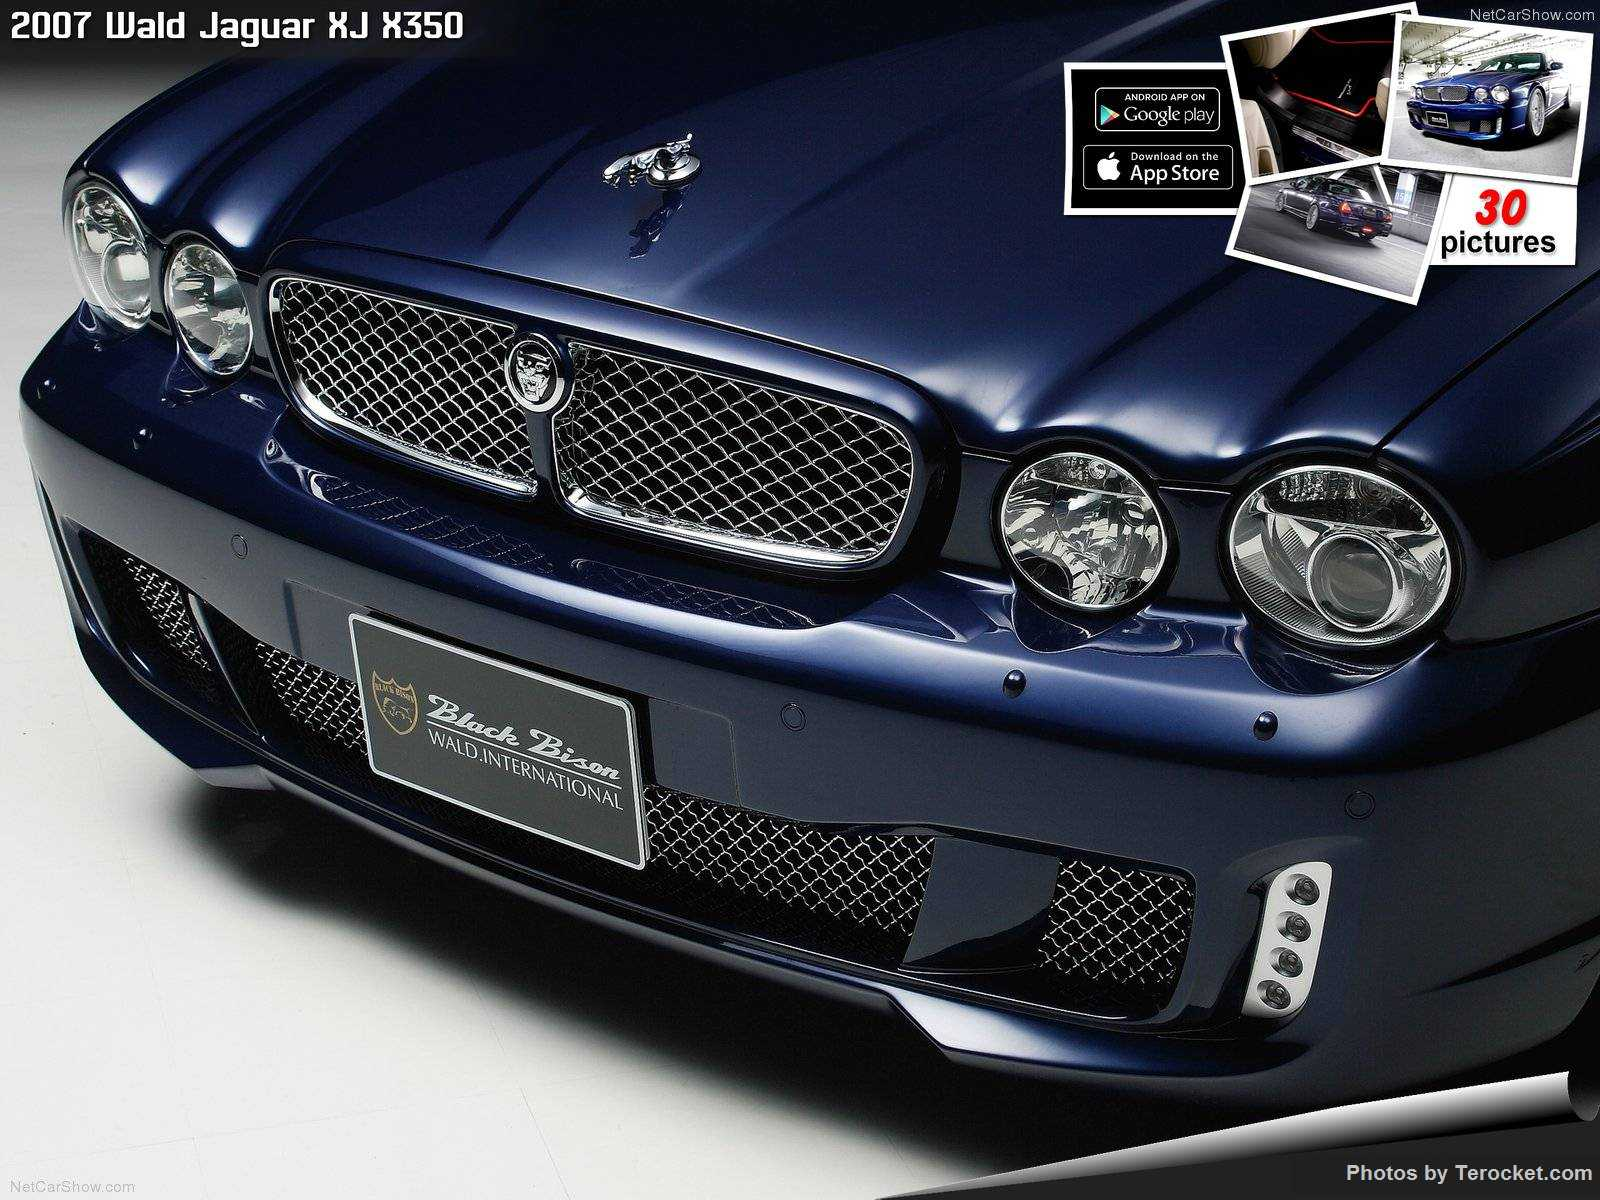 Hình ảnh xe độ Wald Jaguar XJ X350 2007 & nội ngoại thất